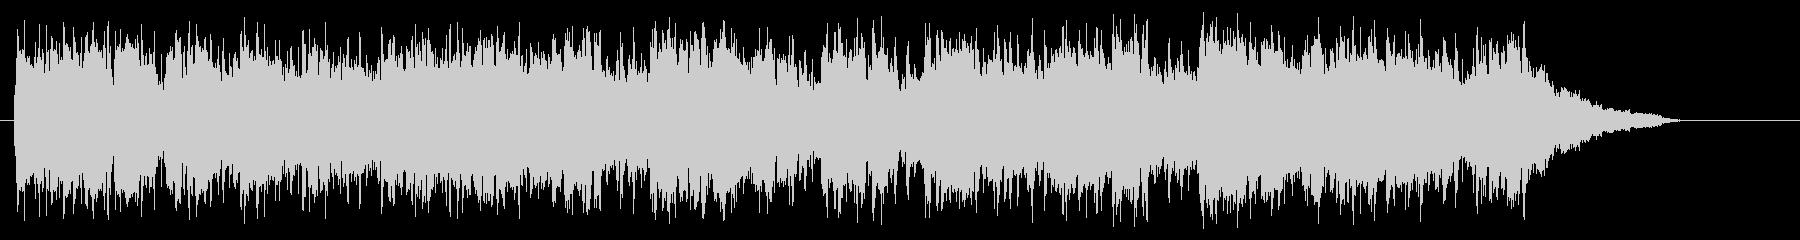 アコースティック・ギター(紀行向け)の未再生の波形